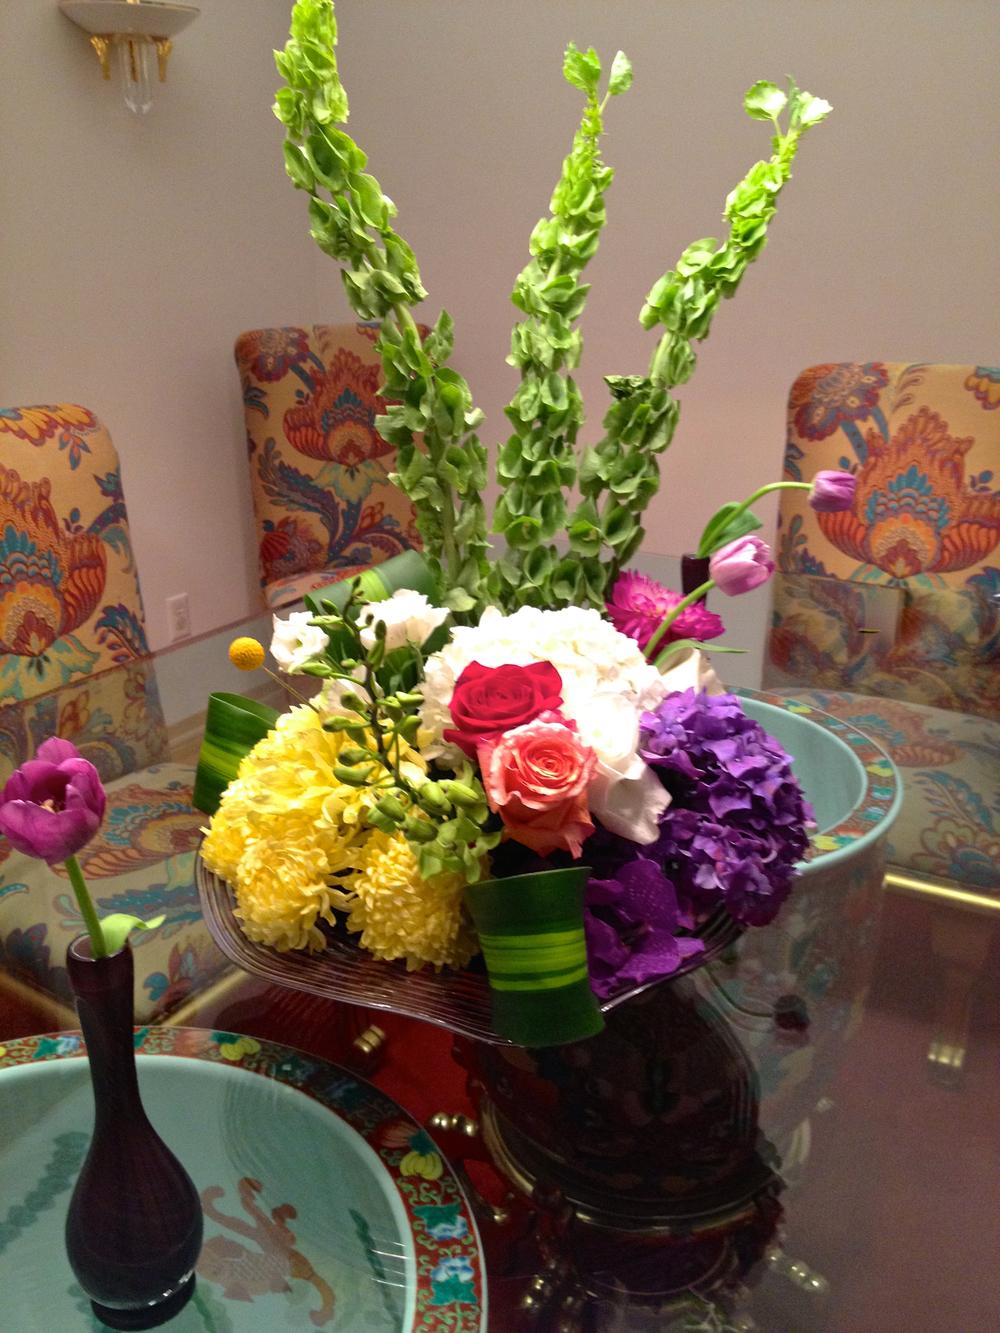 cindi_florals_design_spiritedtable_photo1.jpg